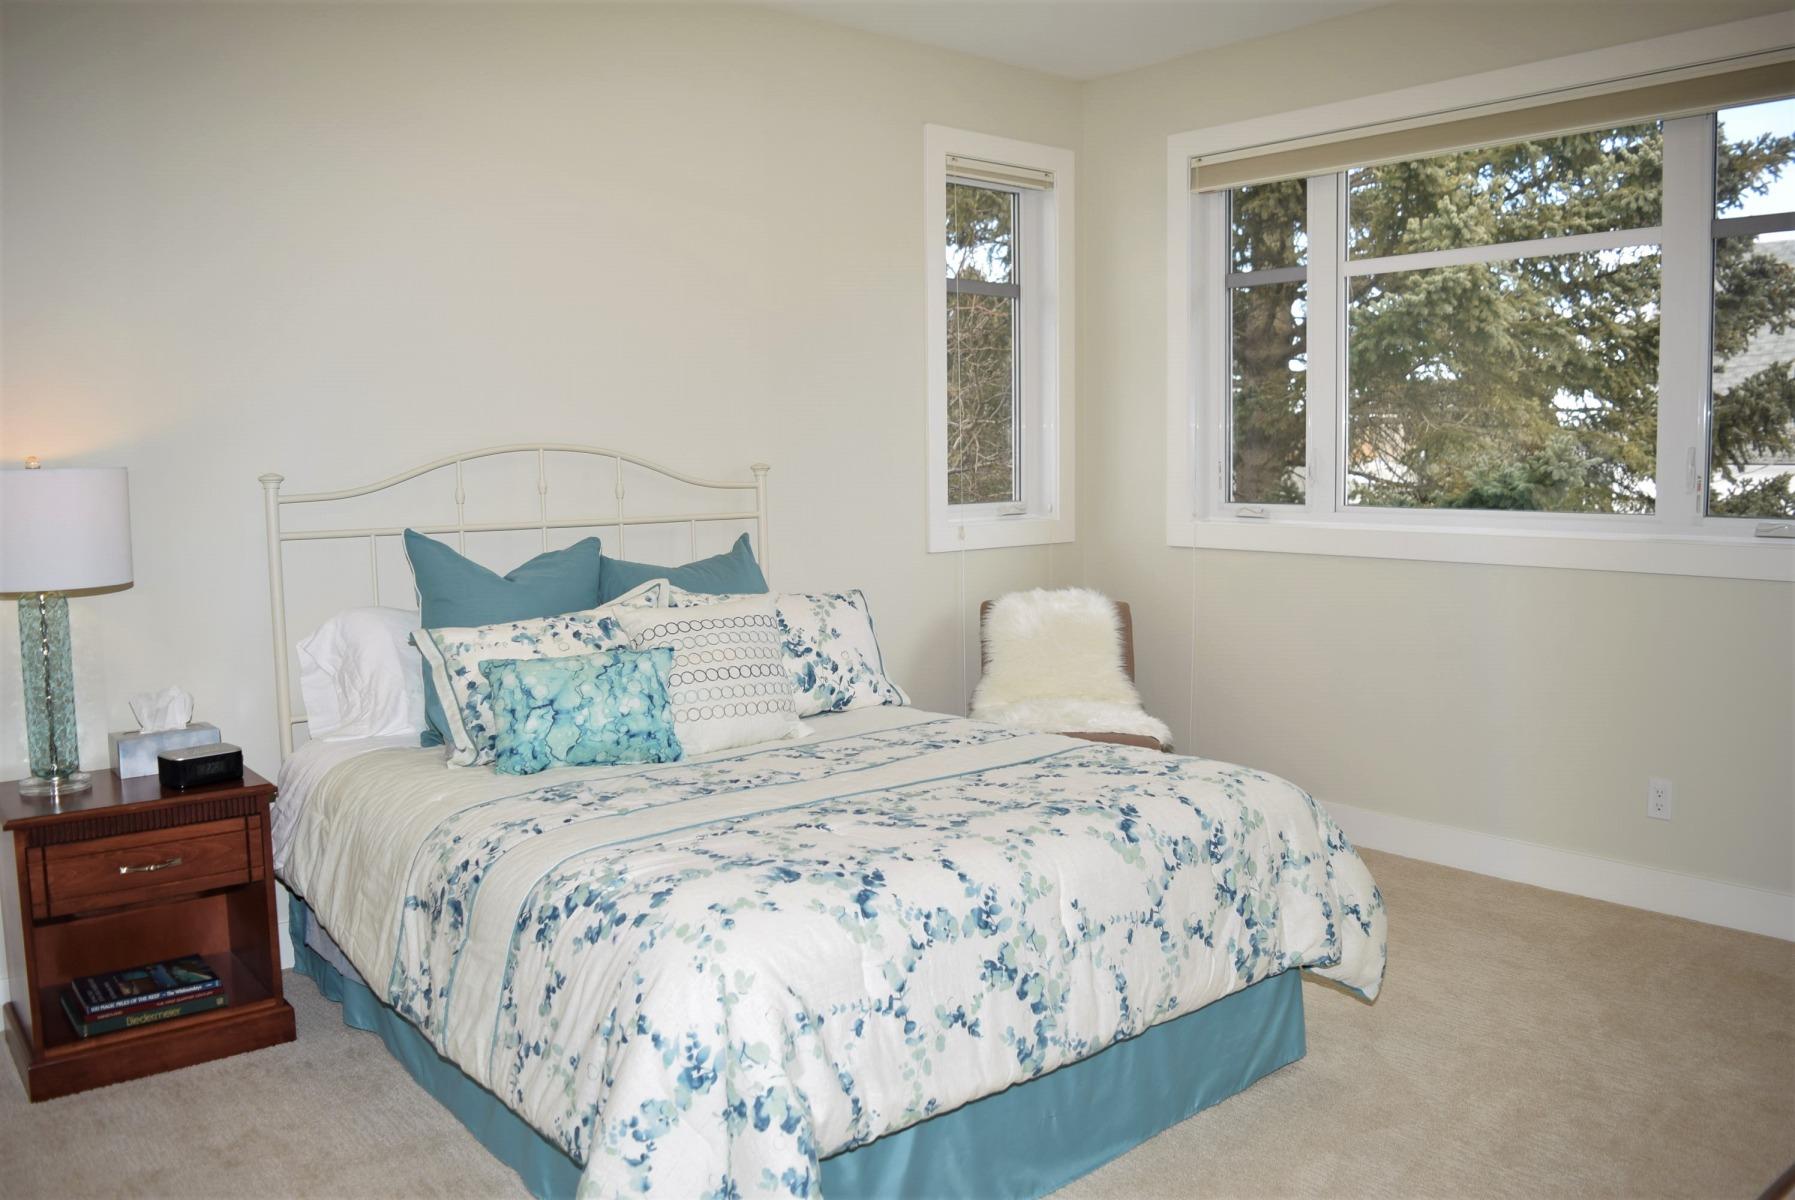 bh-bedroom-3-DSC_0705